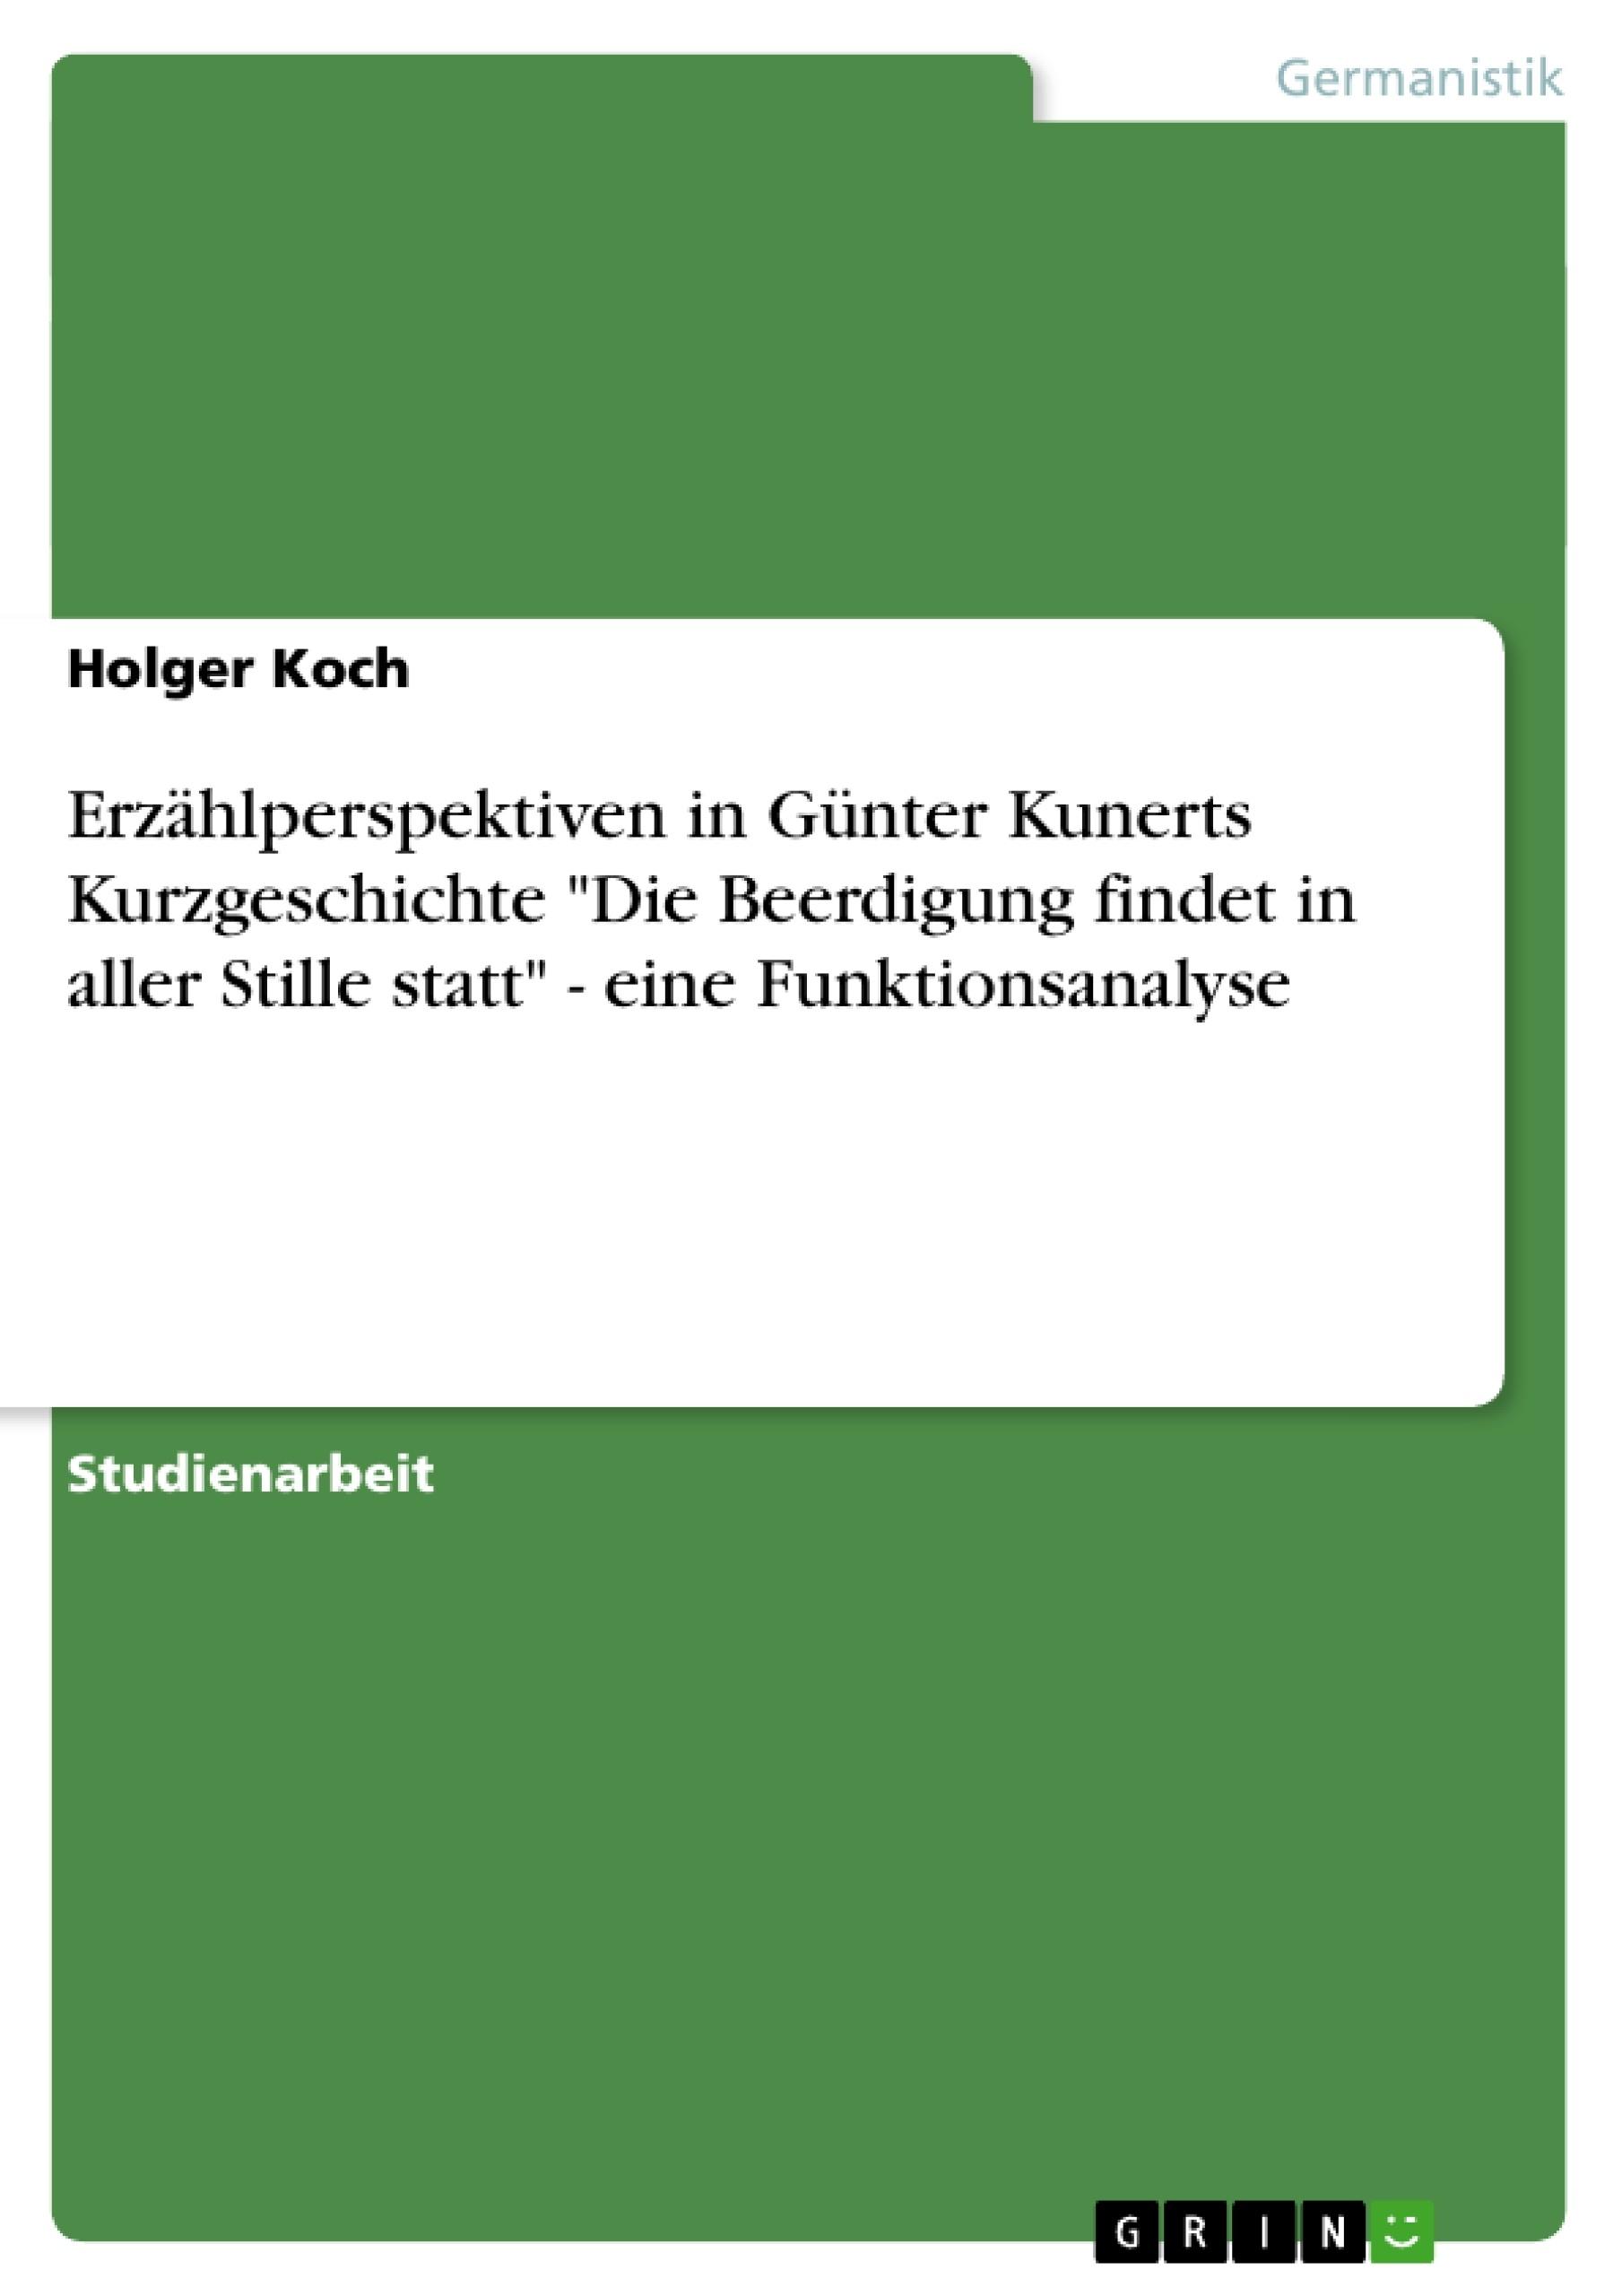 """Titel: Erzählperspektiven in Günter Kunerts Kurzgeschichte """"Die Beerdigung findet in aller Stille statt"""" - eine Funktionsanalyse"""